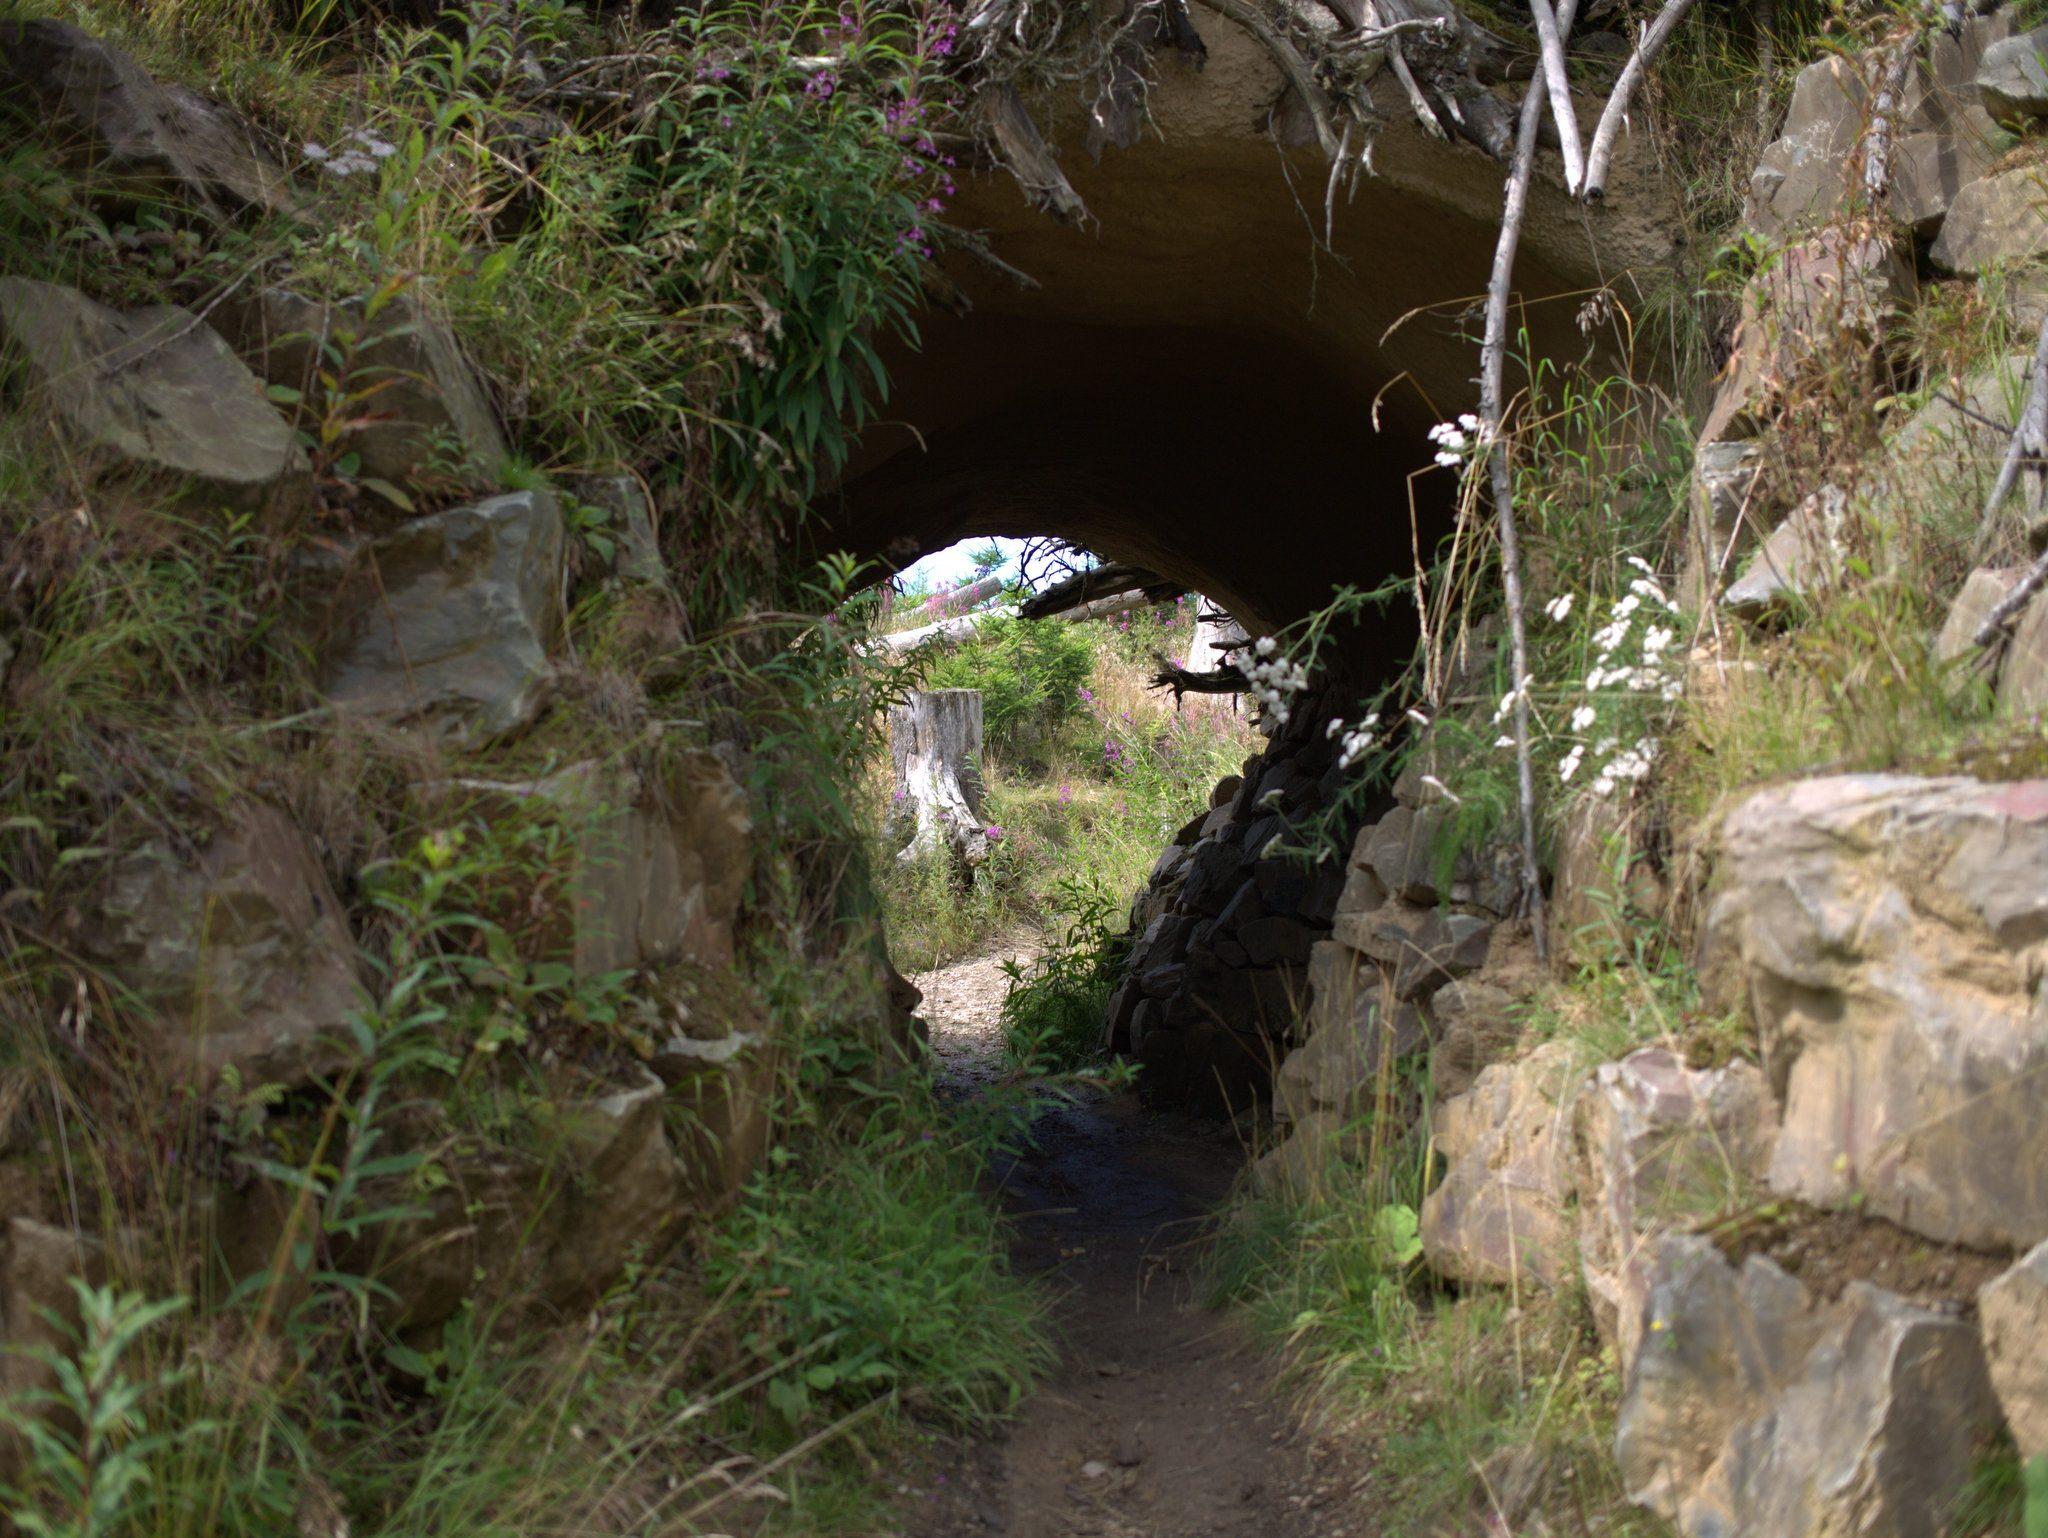 Mal geht es durch einen kleinen Tunnel - den Dachsbau...